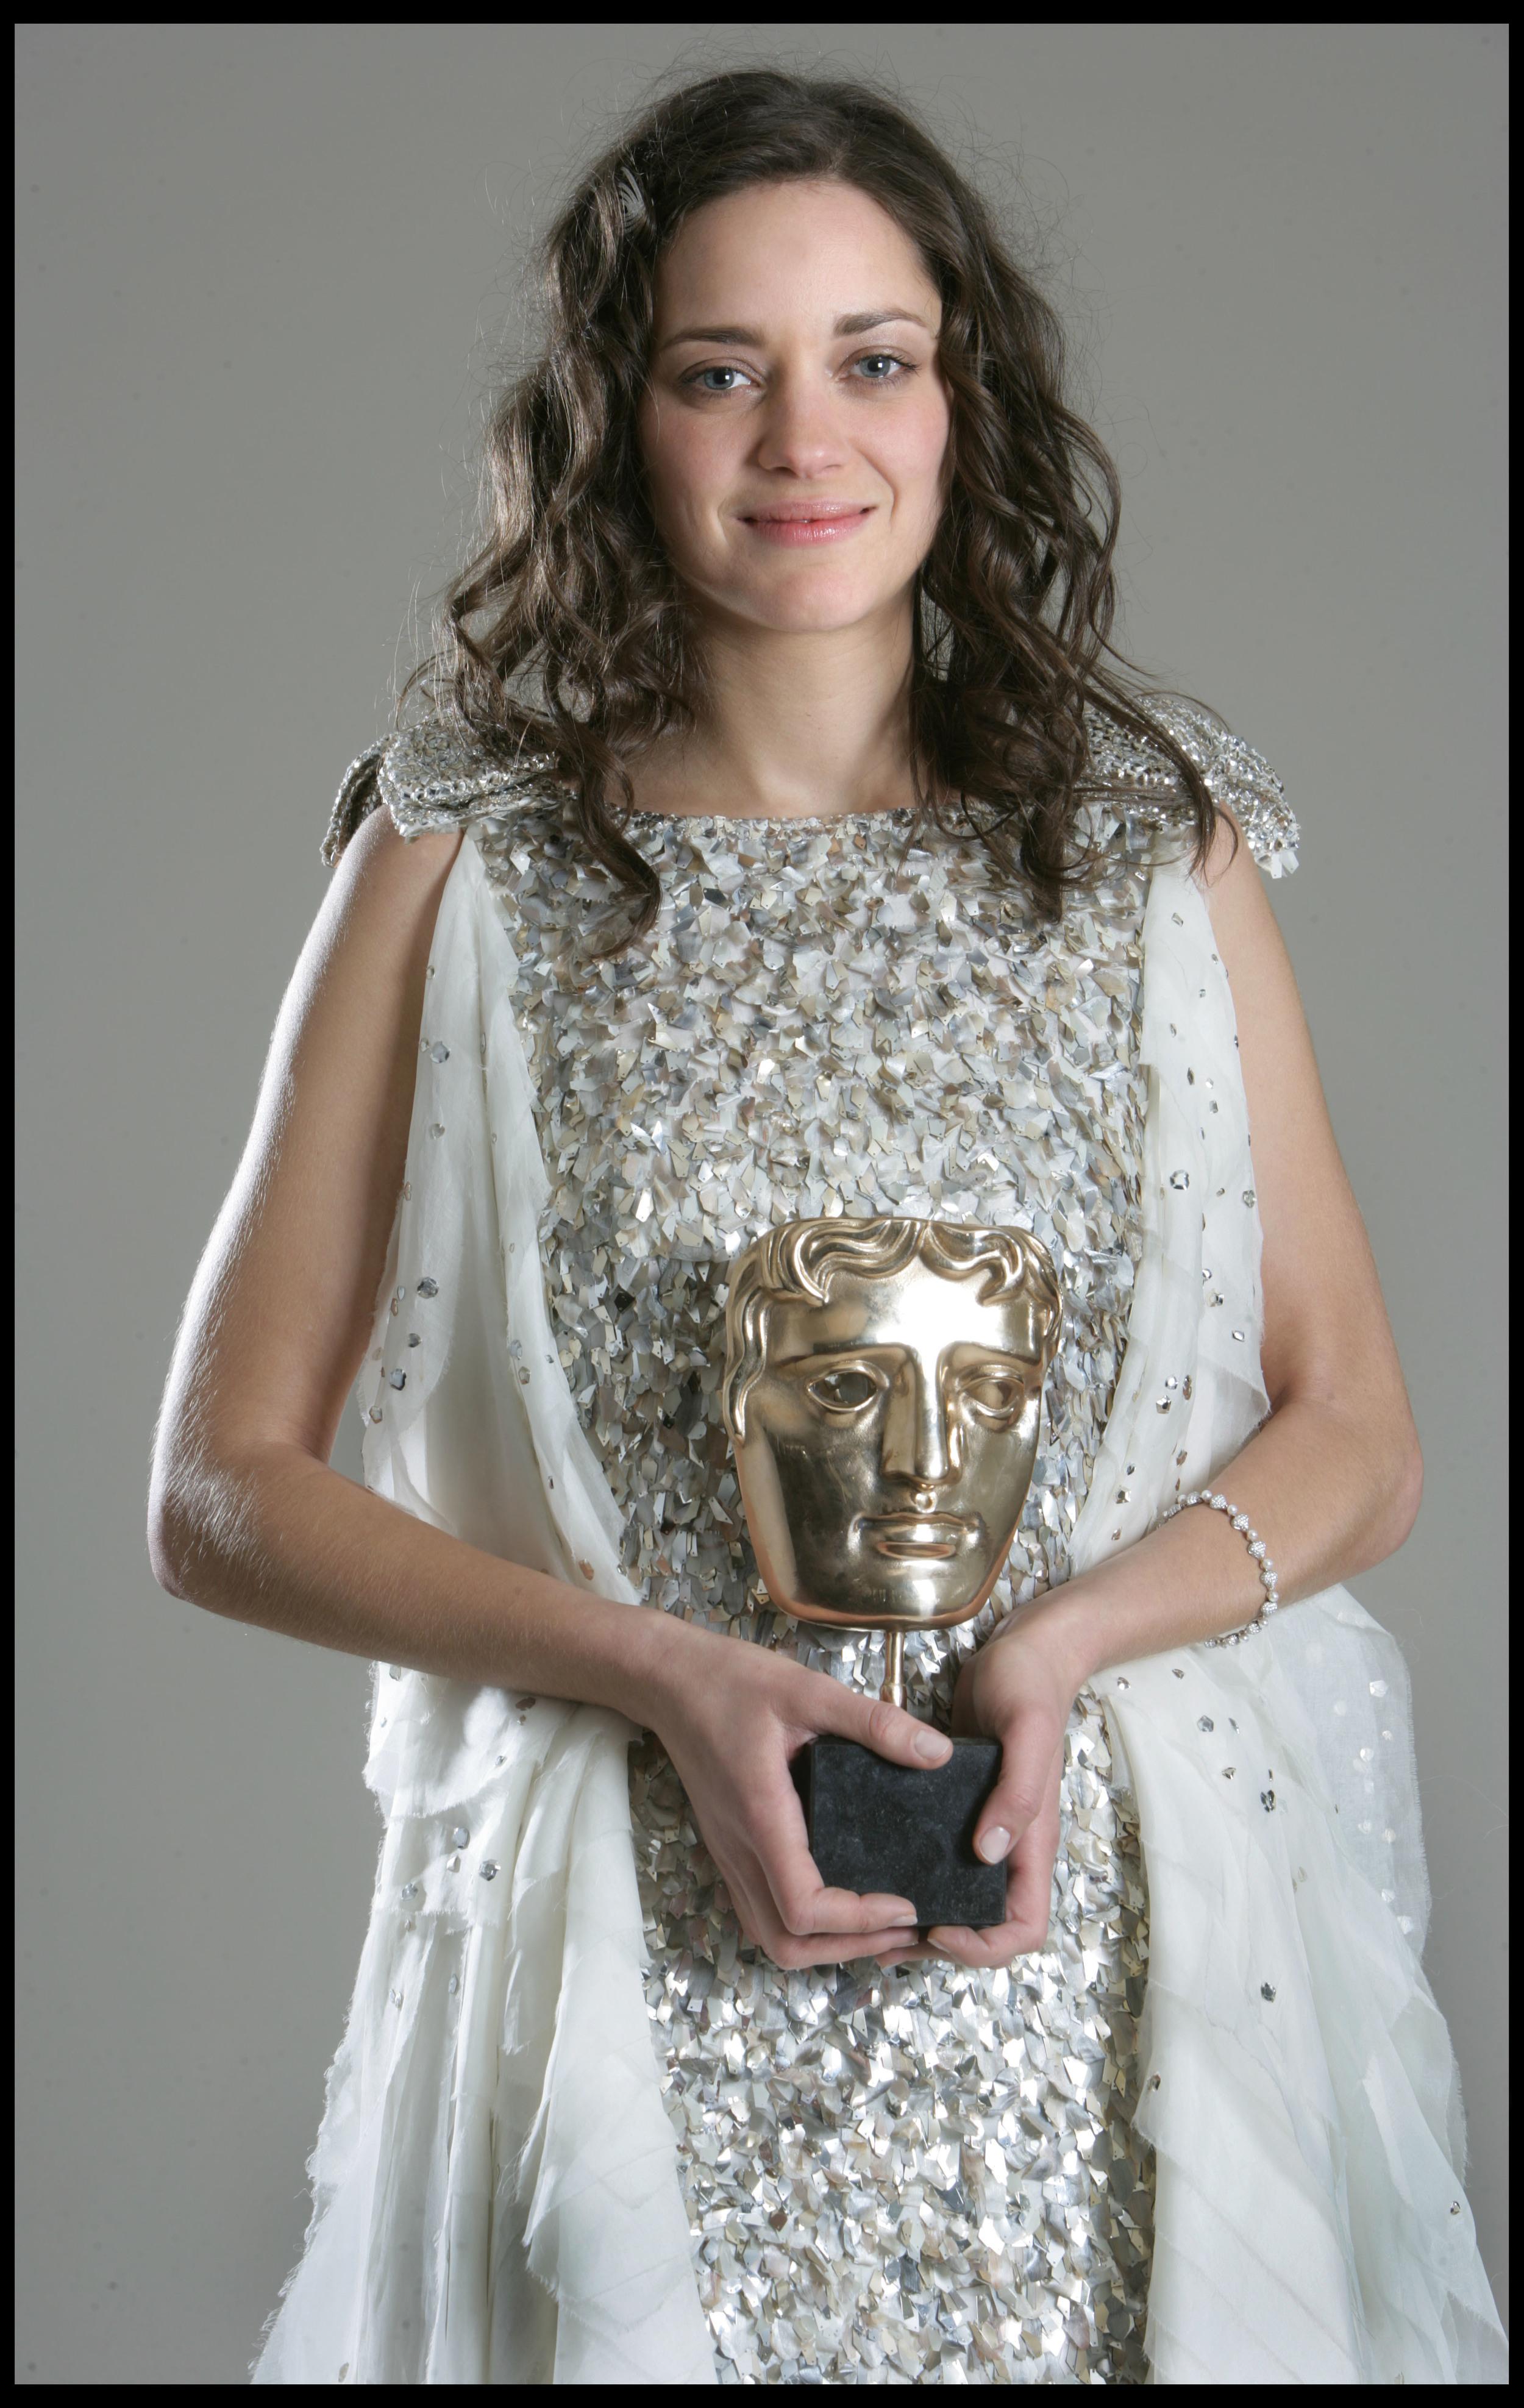 Marion Cotillard, actress